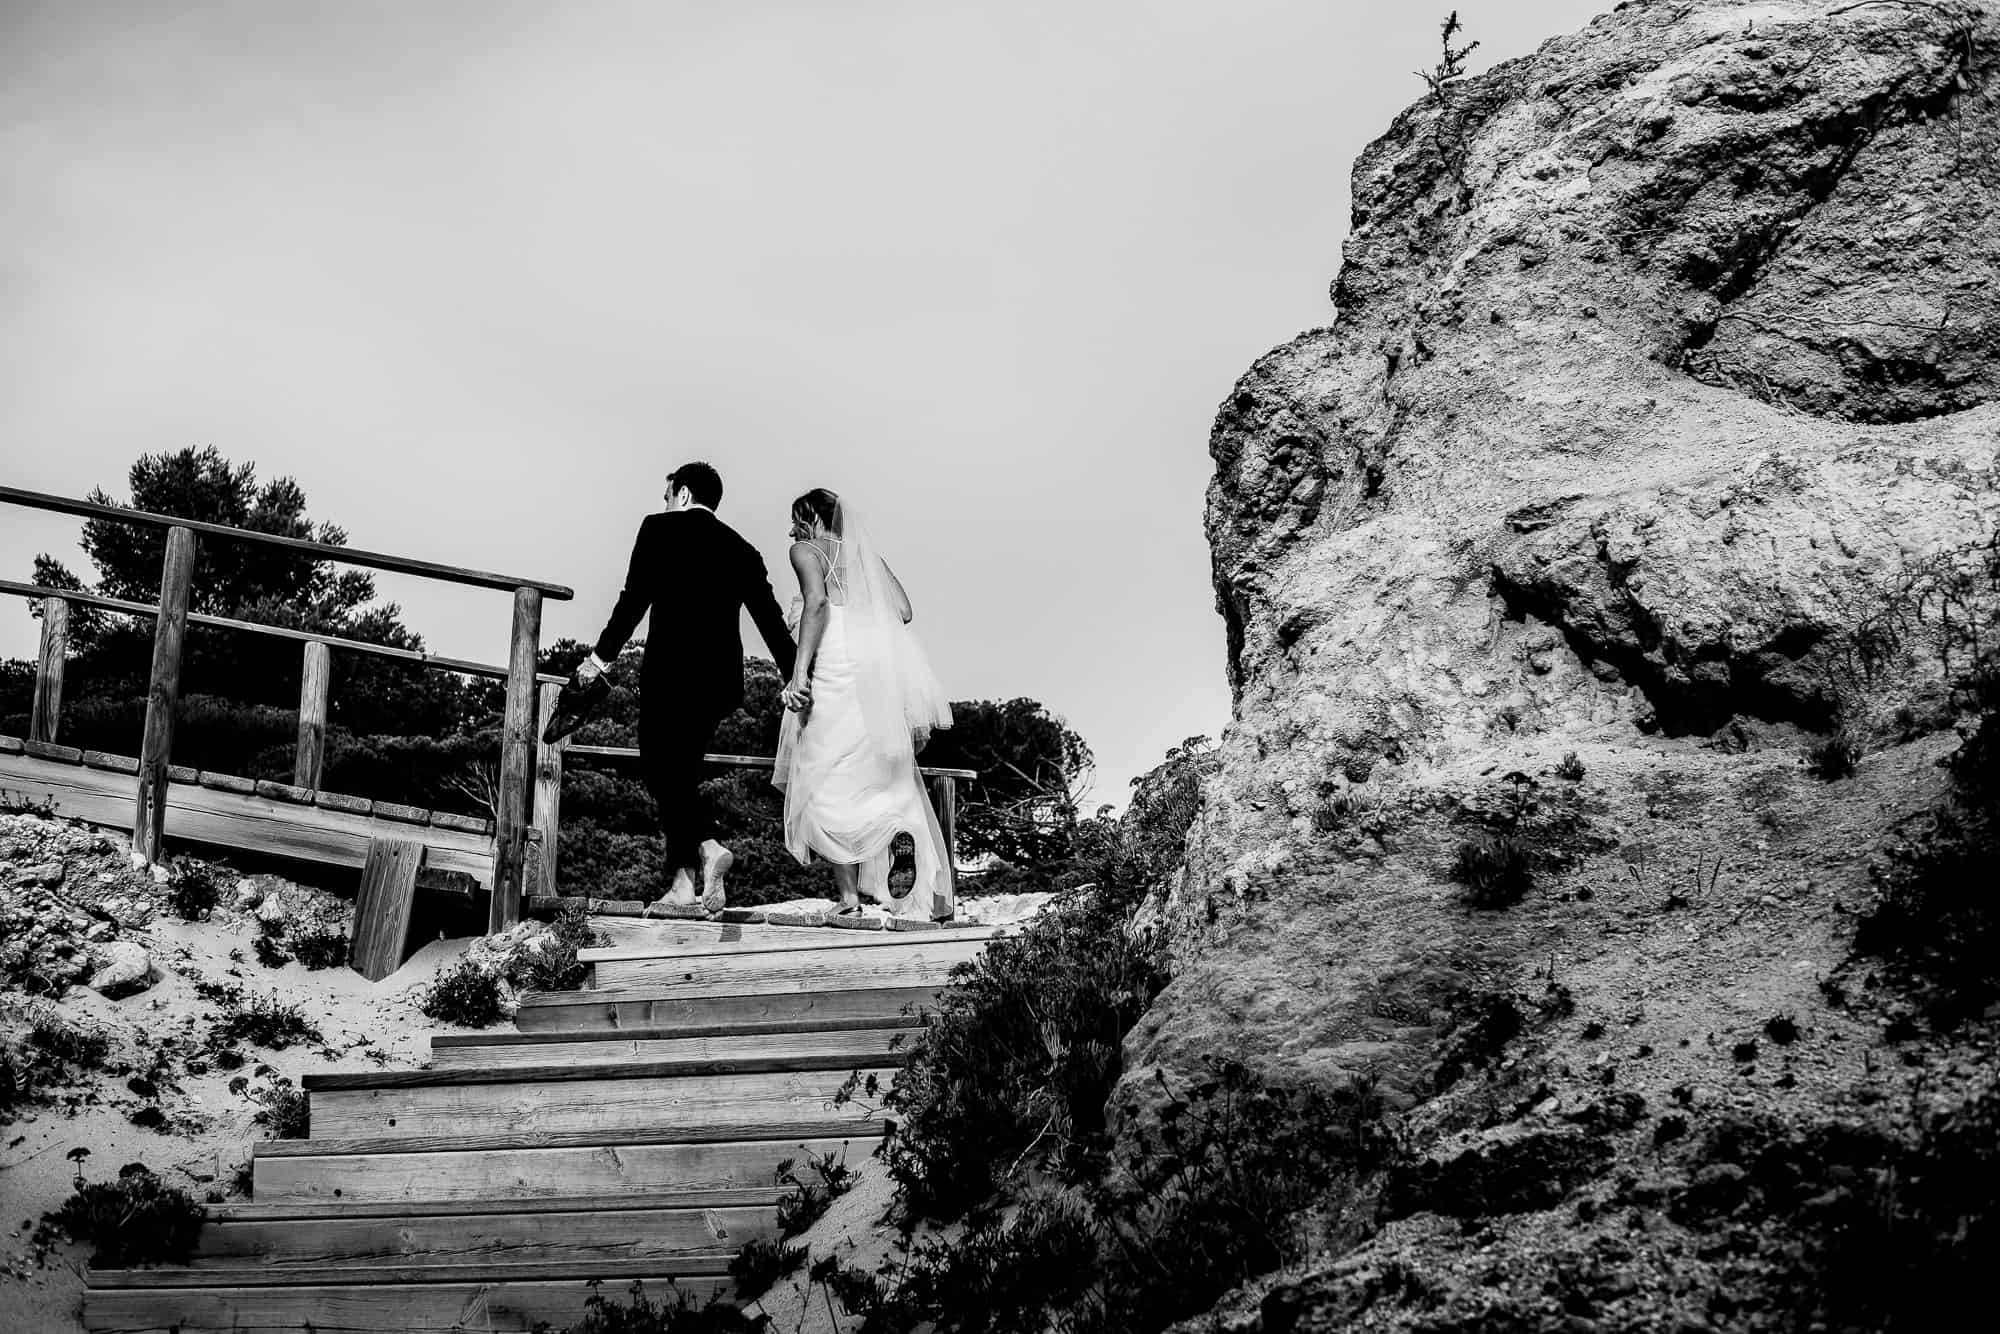 algarve-wedding-photographer-matt-tyler-0047